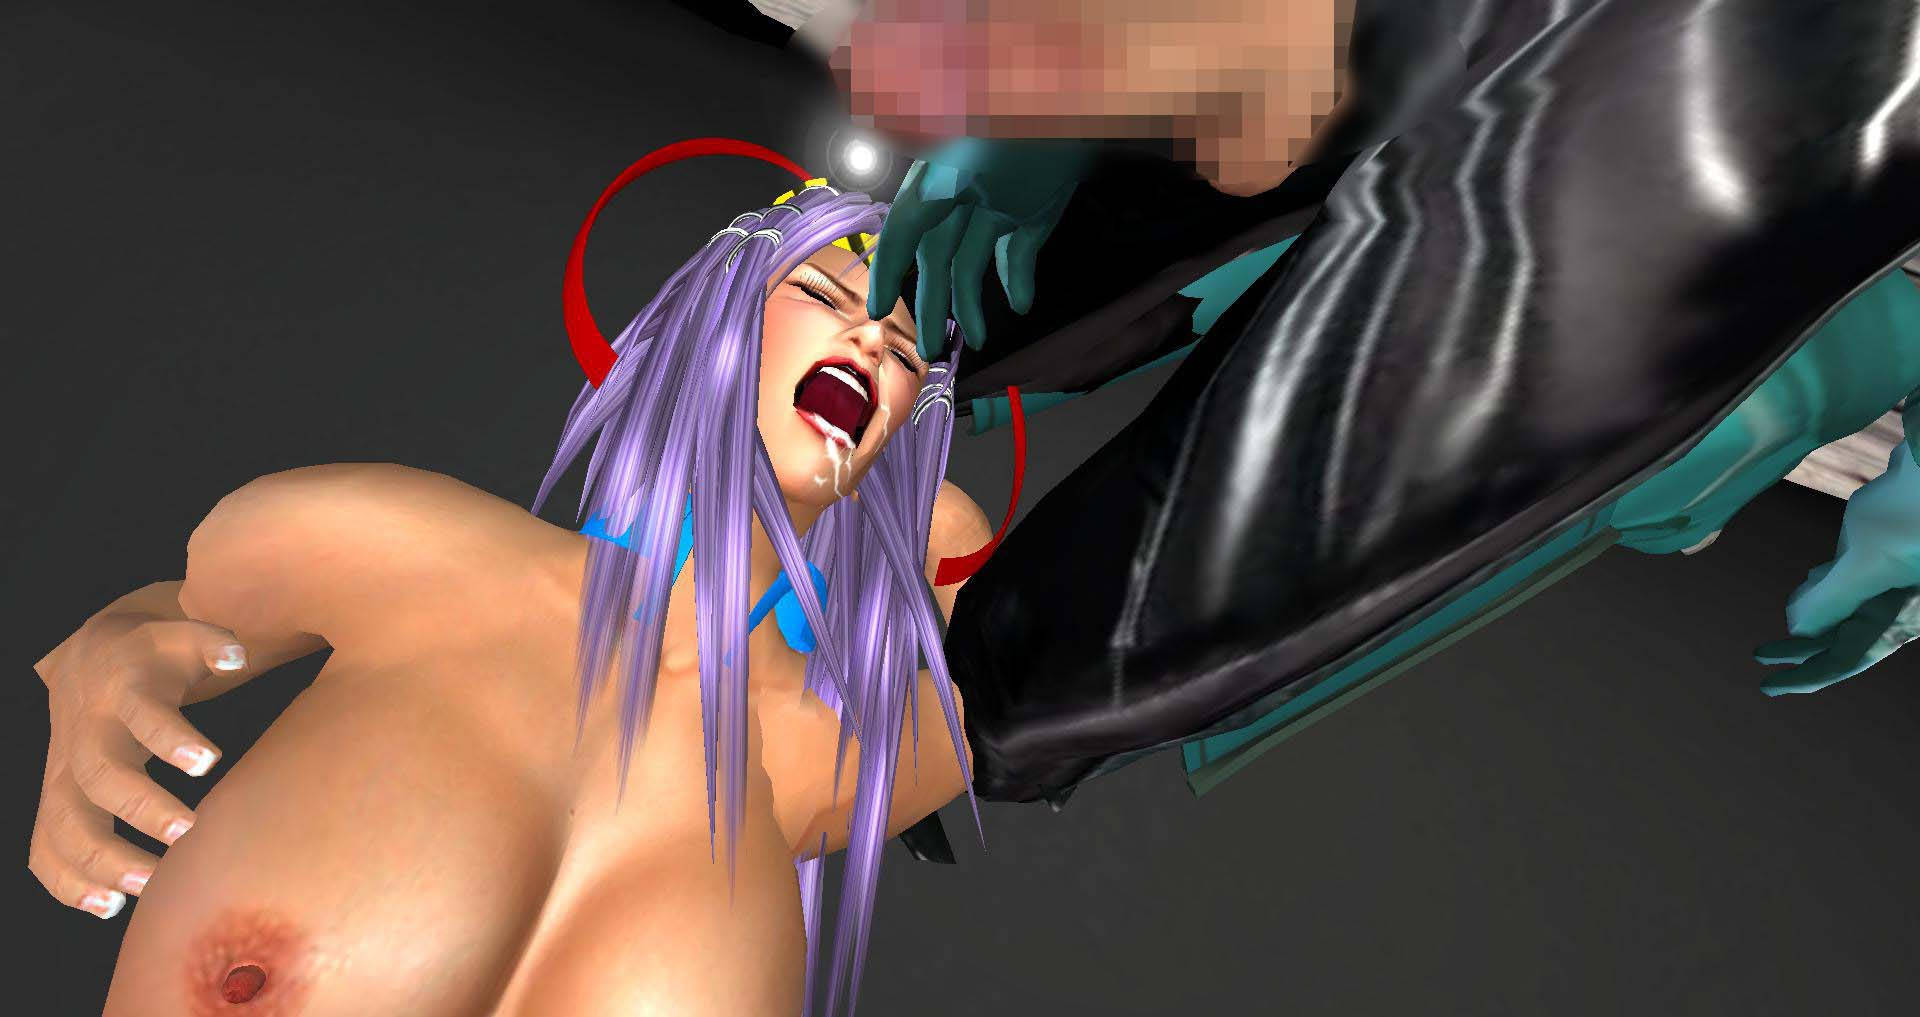 [同人]「セクシービーナナはマスク男の肉棒に弱い」(ウルトラナナのキャットファイティング)